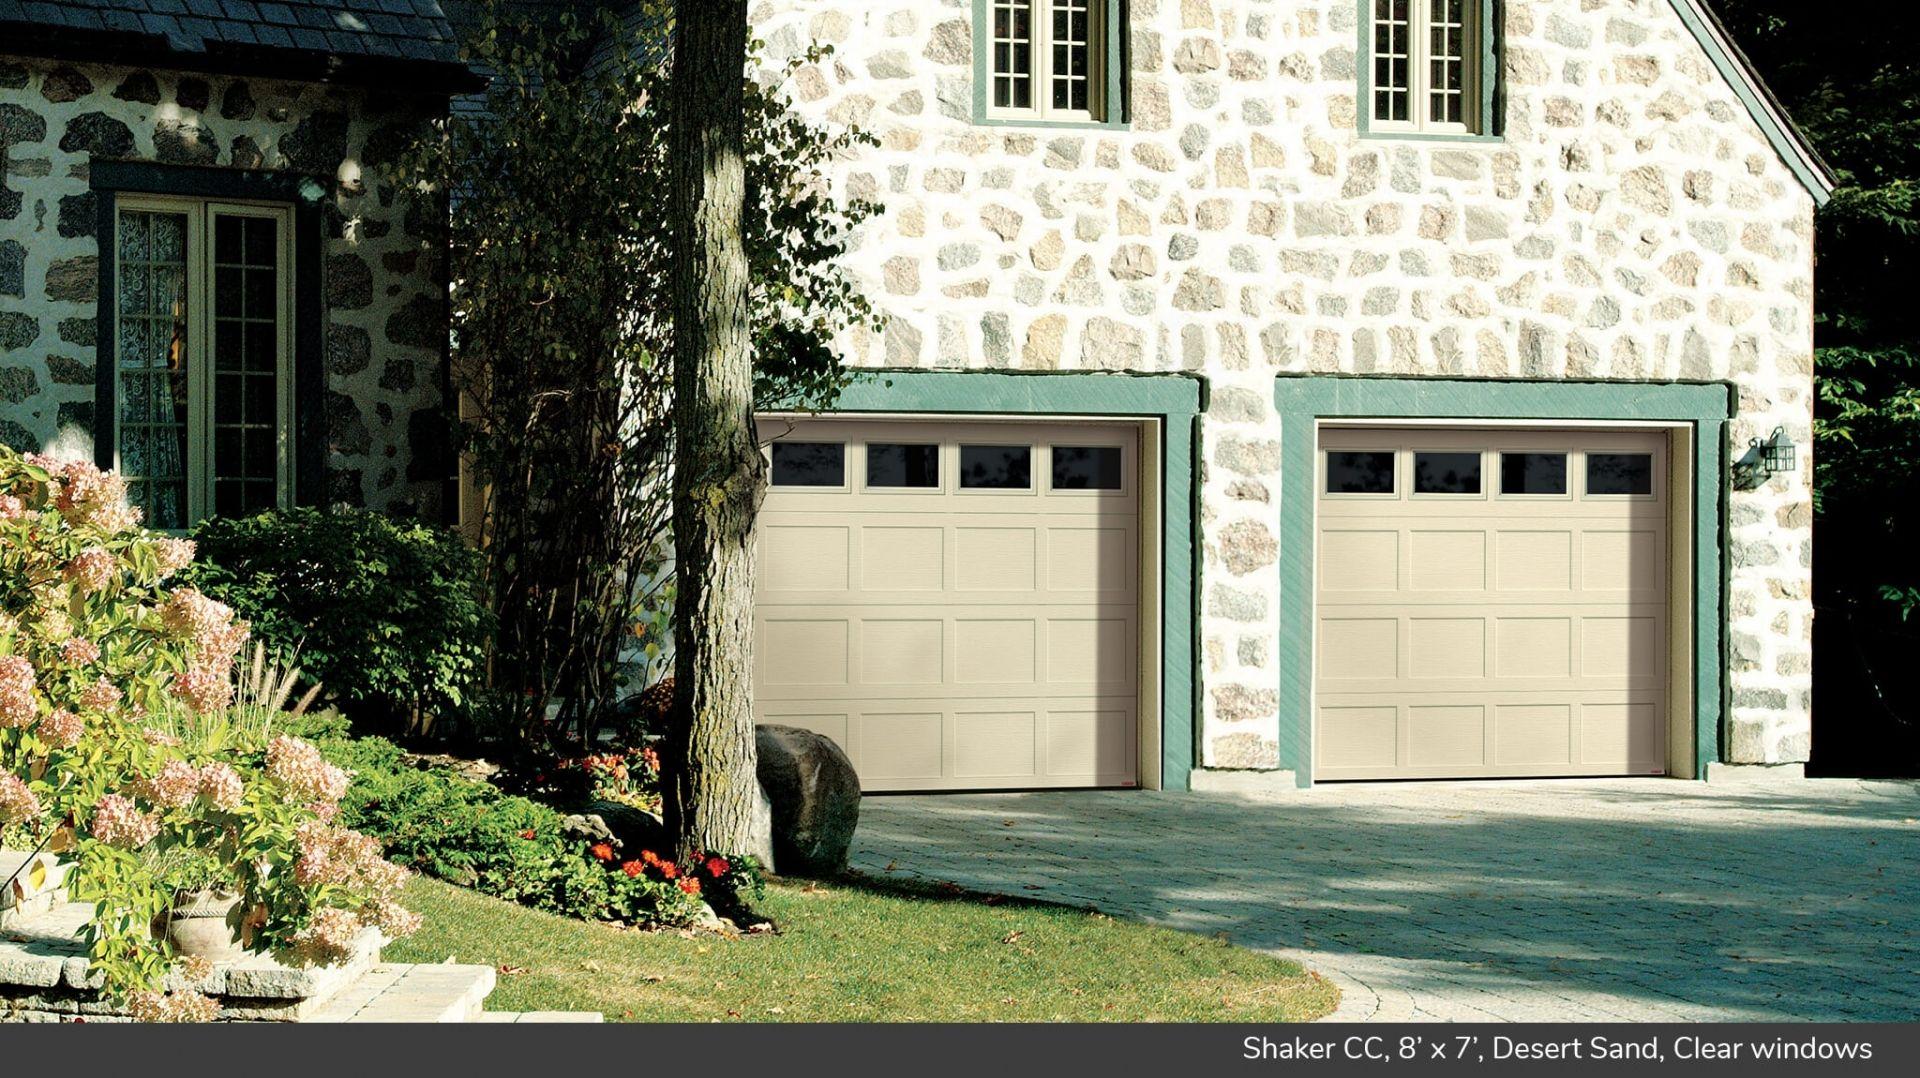 Garage Doors > Garaga Garage Doors - Shaker CC